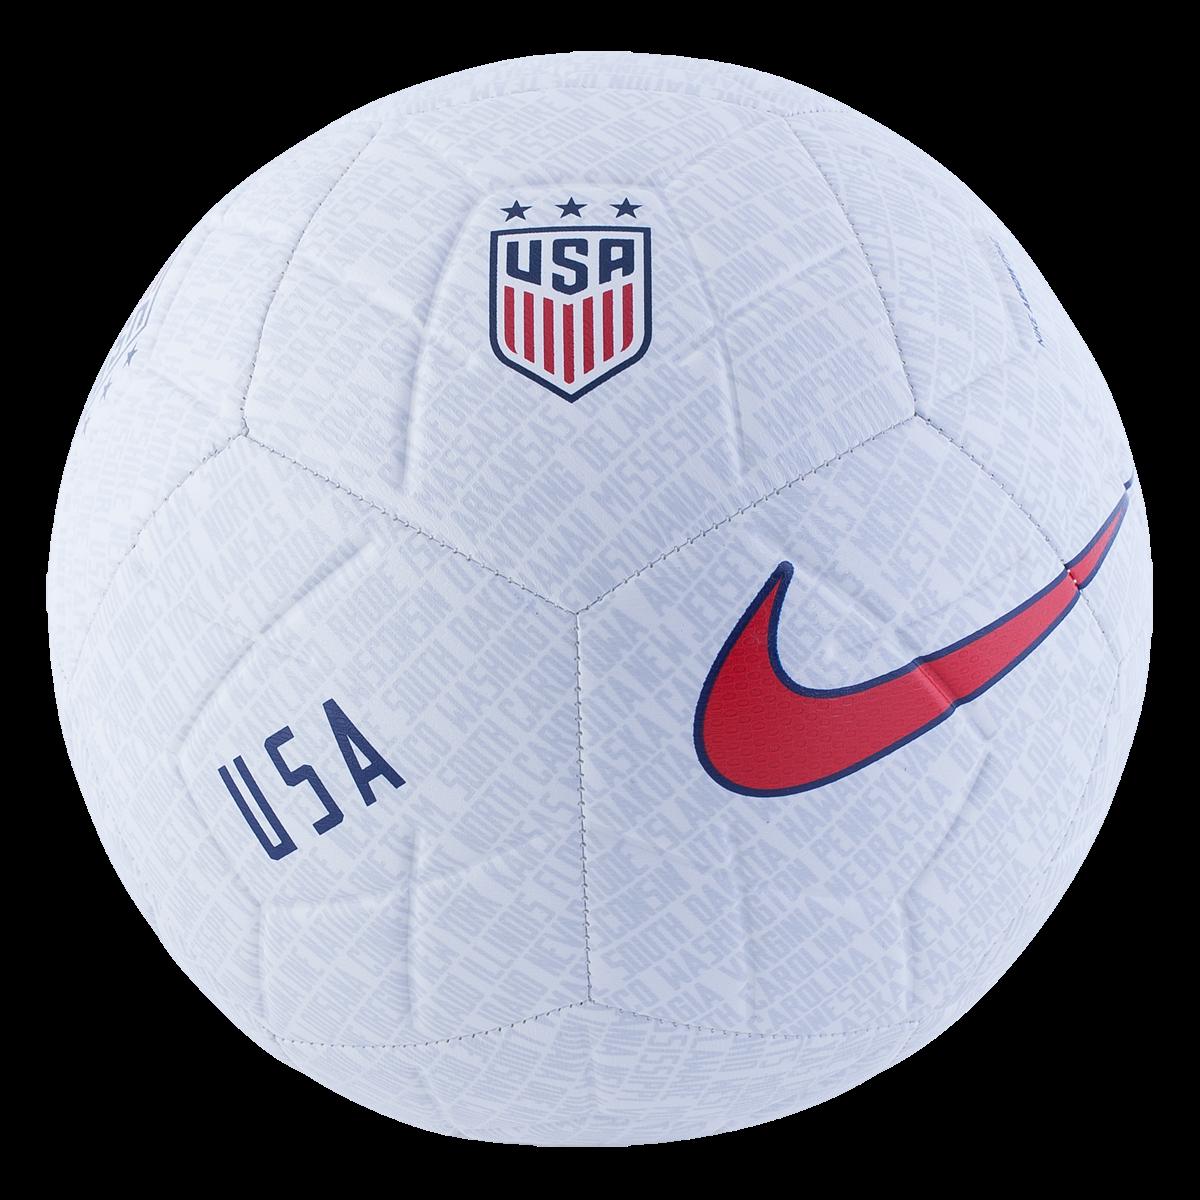 Nike Usa Strike Team Soccer Ball 5 Soccer Ball Soccer Girls Soccer Cleats